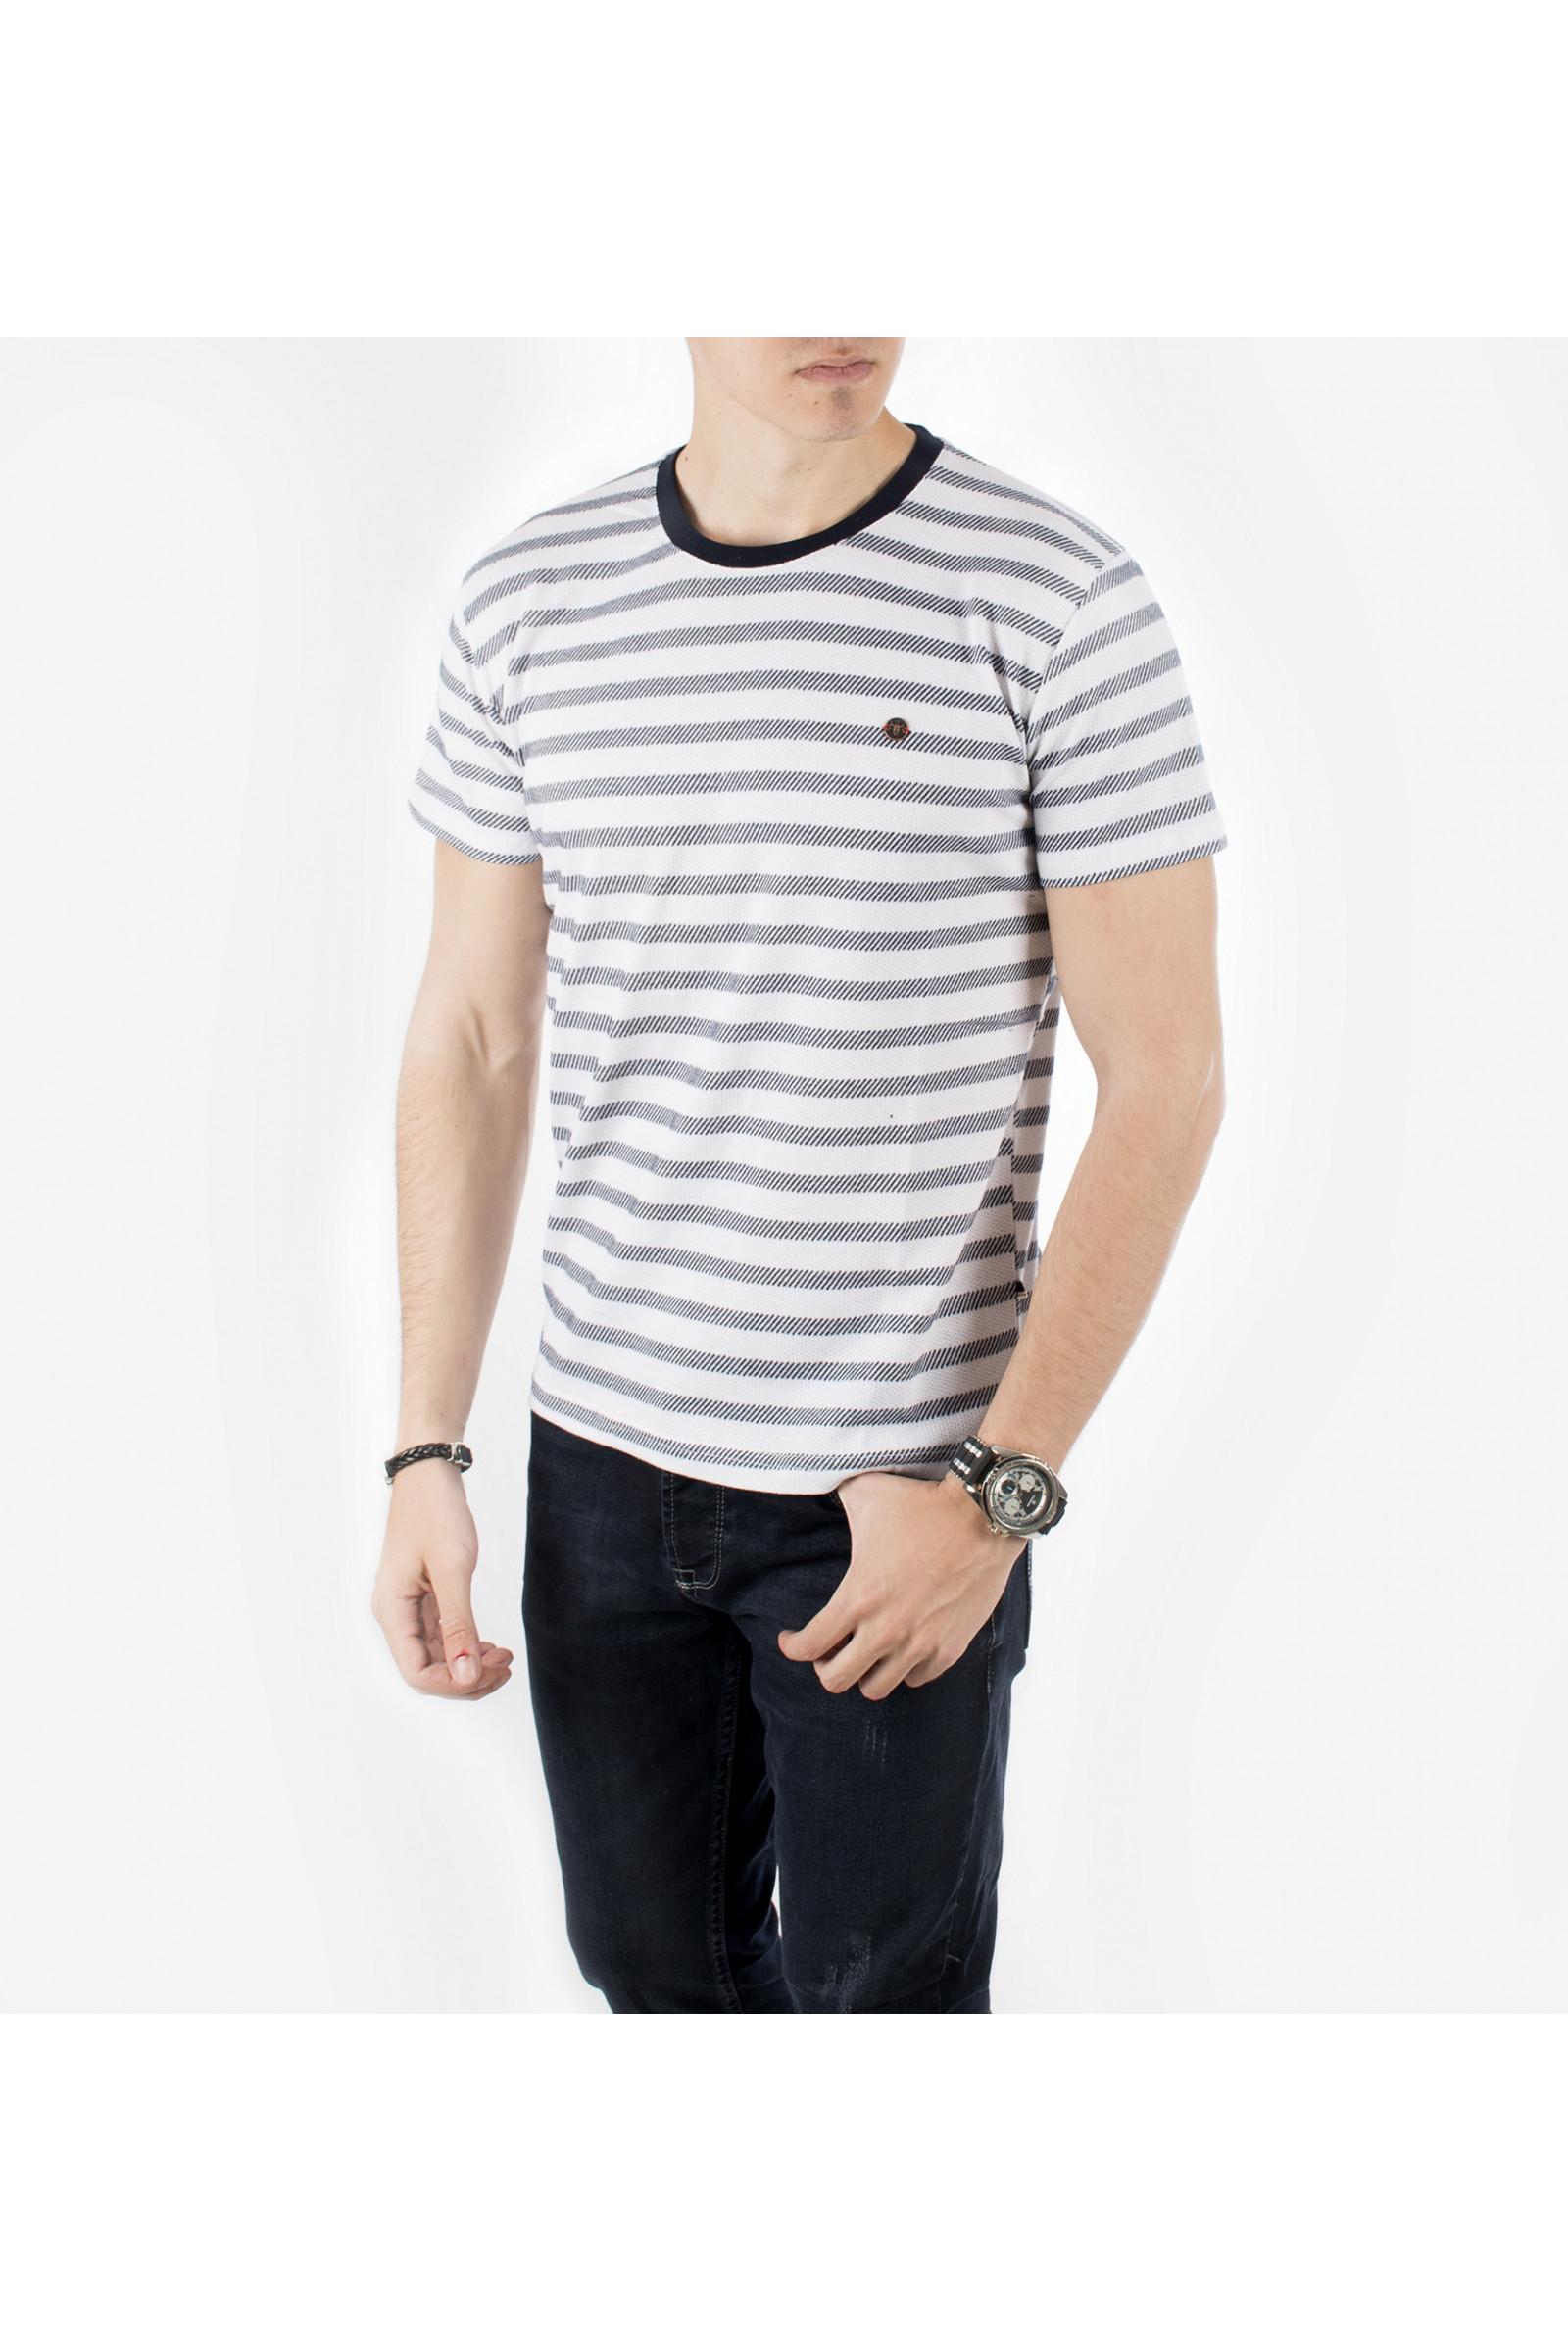 97de61ea8da22 DeepSEA Beyaz Sıfır Yaka Çizgili Yeni Sezon Erkek T-Shirt 1919221 ...